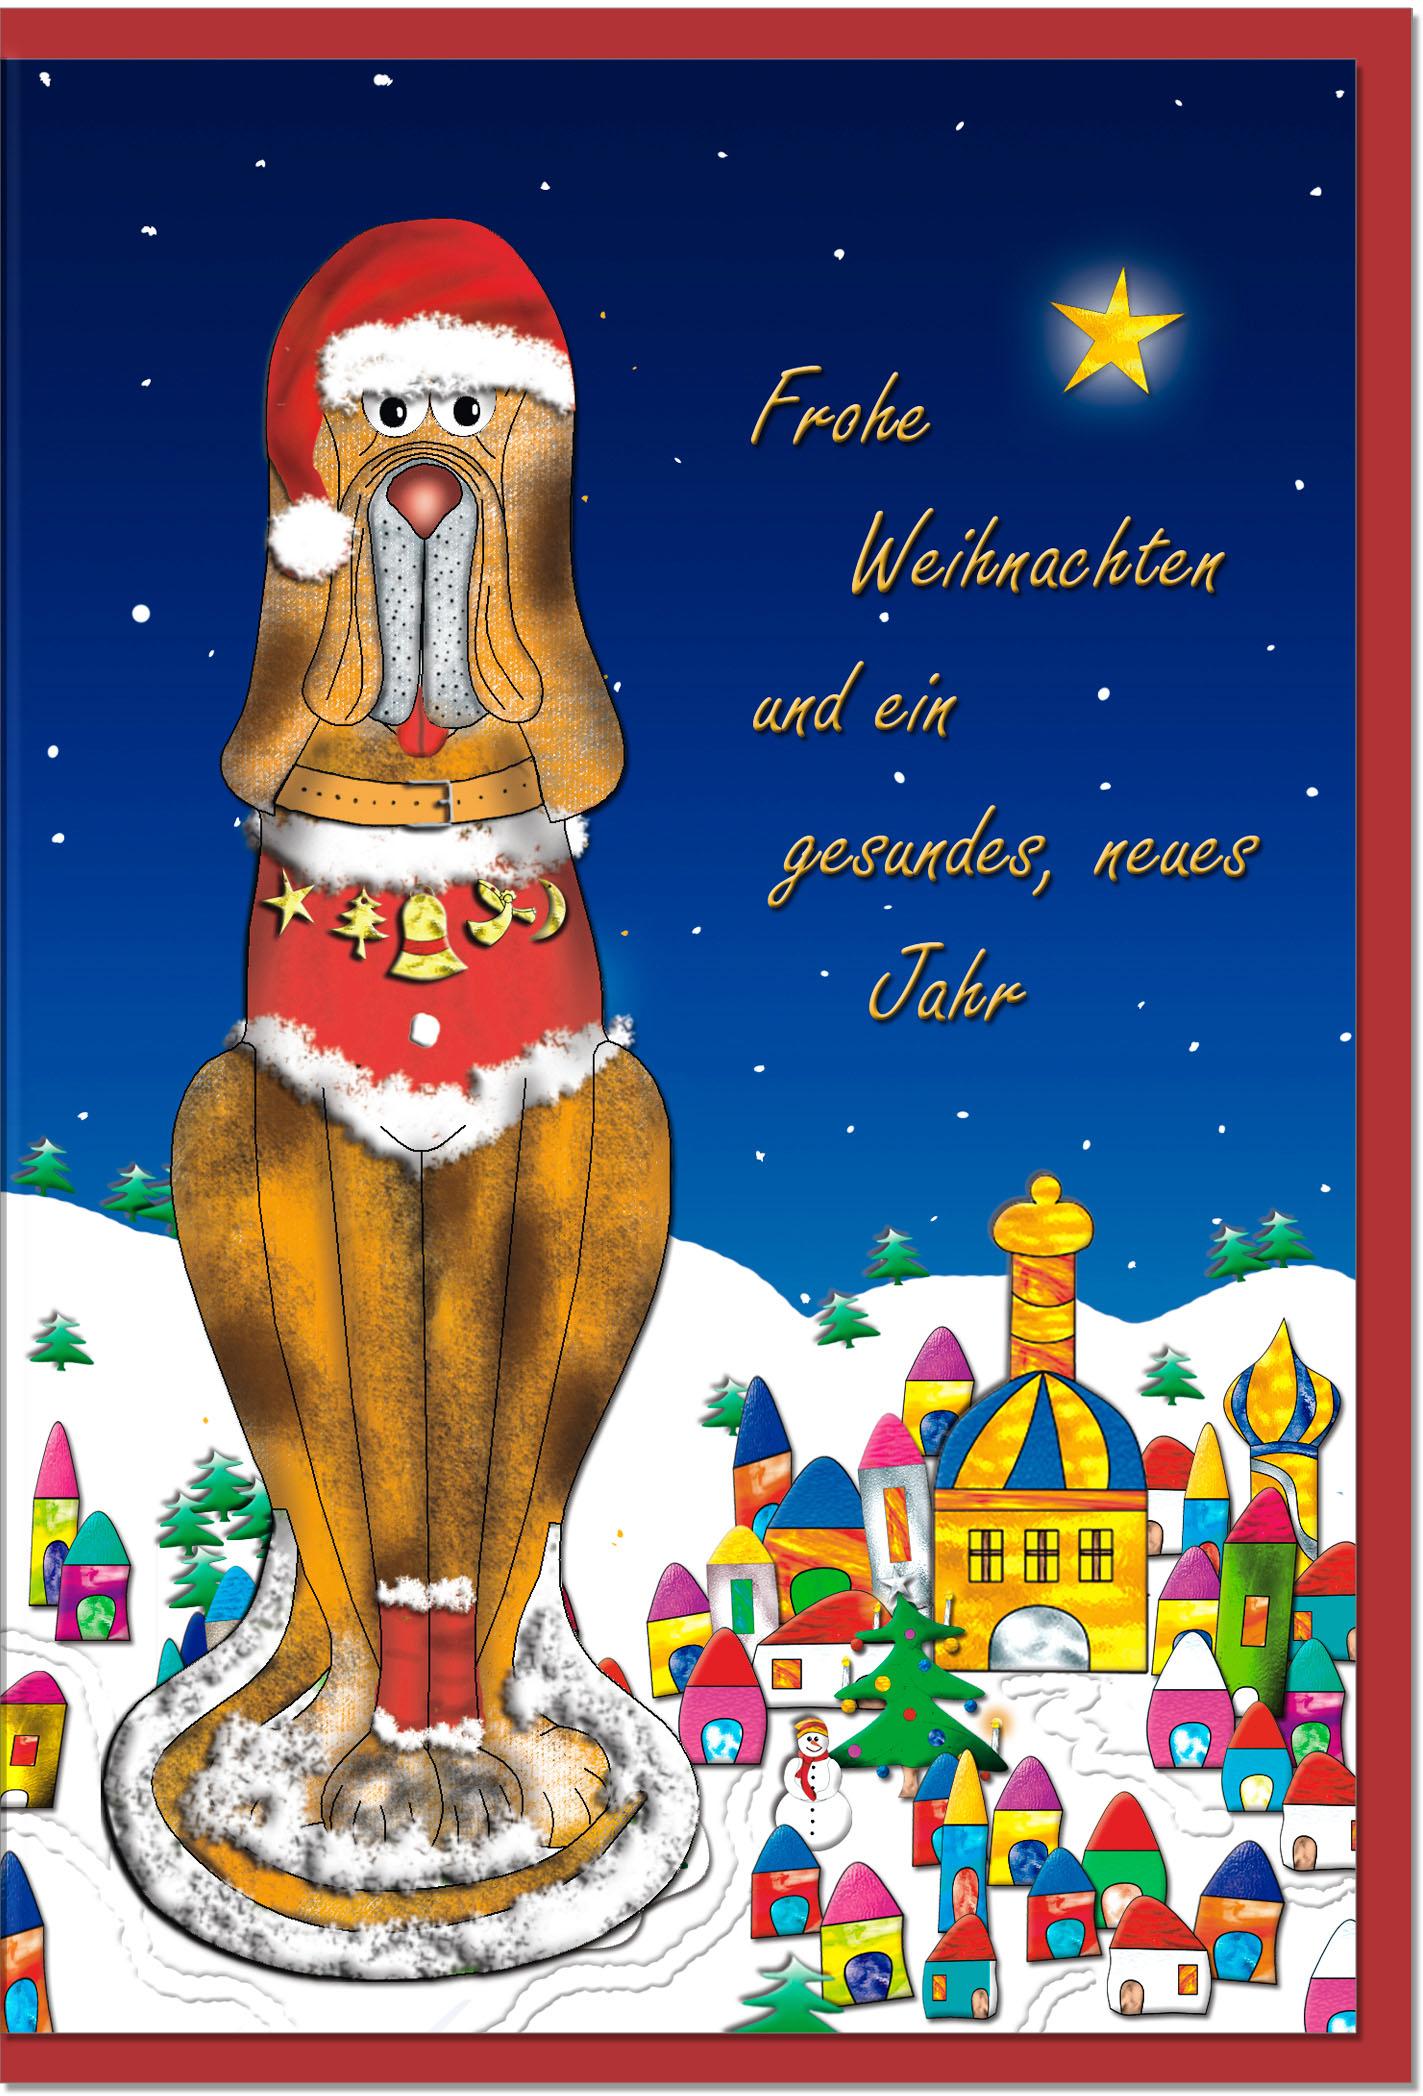 Weihnachtskarten / Grußkarten /Weihnachten Weihnachtlicher Hund